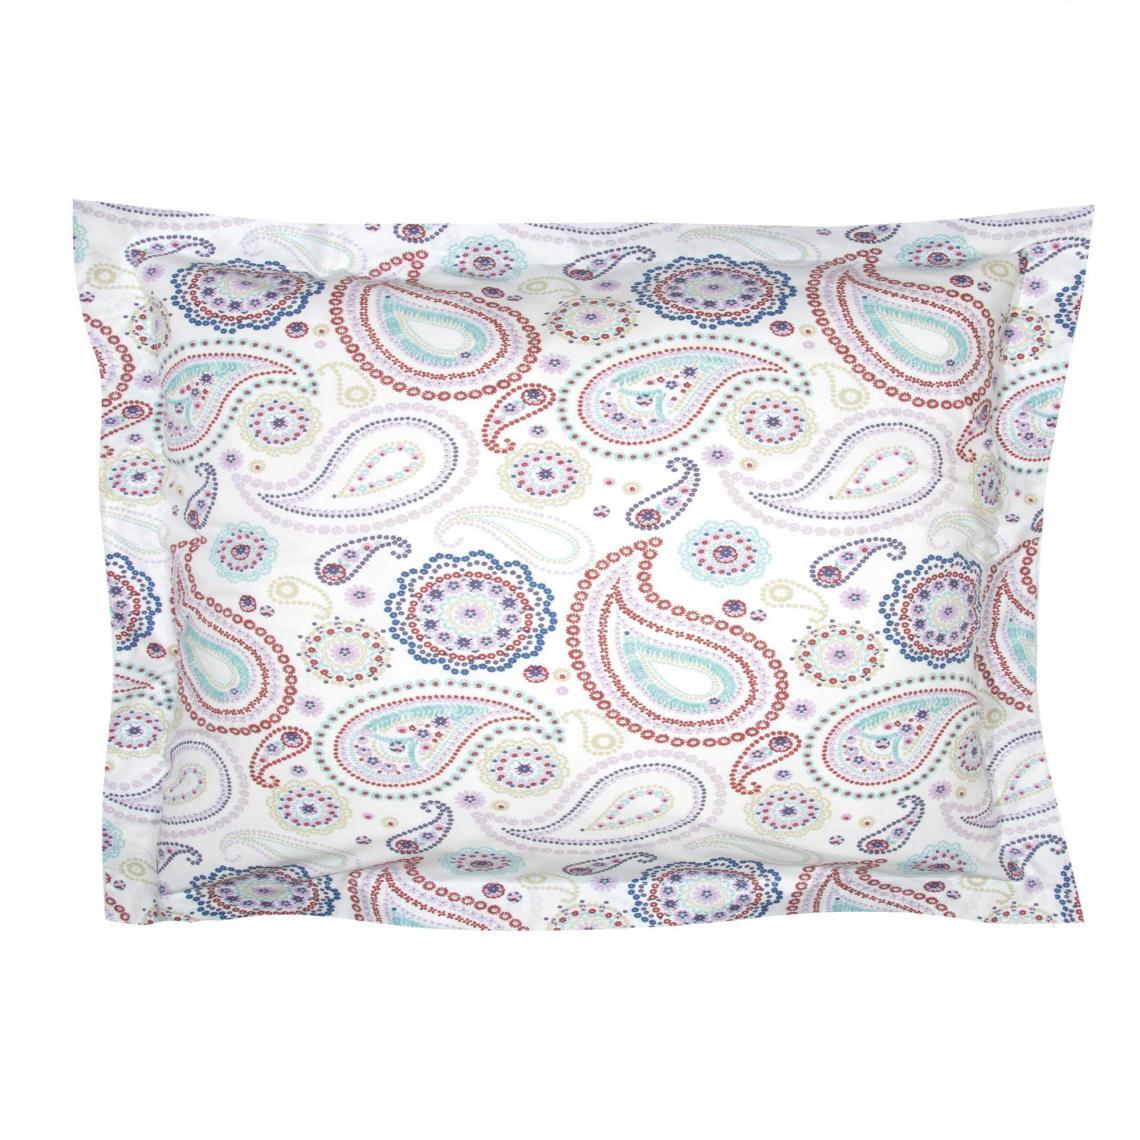 Taie d'oreiller percale coton PACHMIRA multicolore 10 Avis Plus de détails